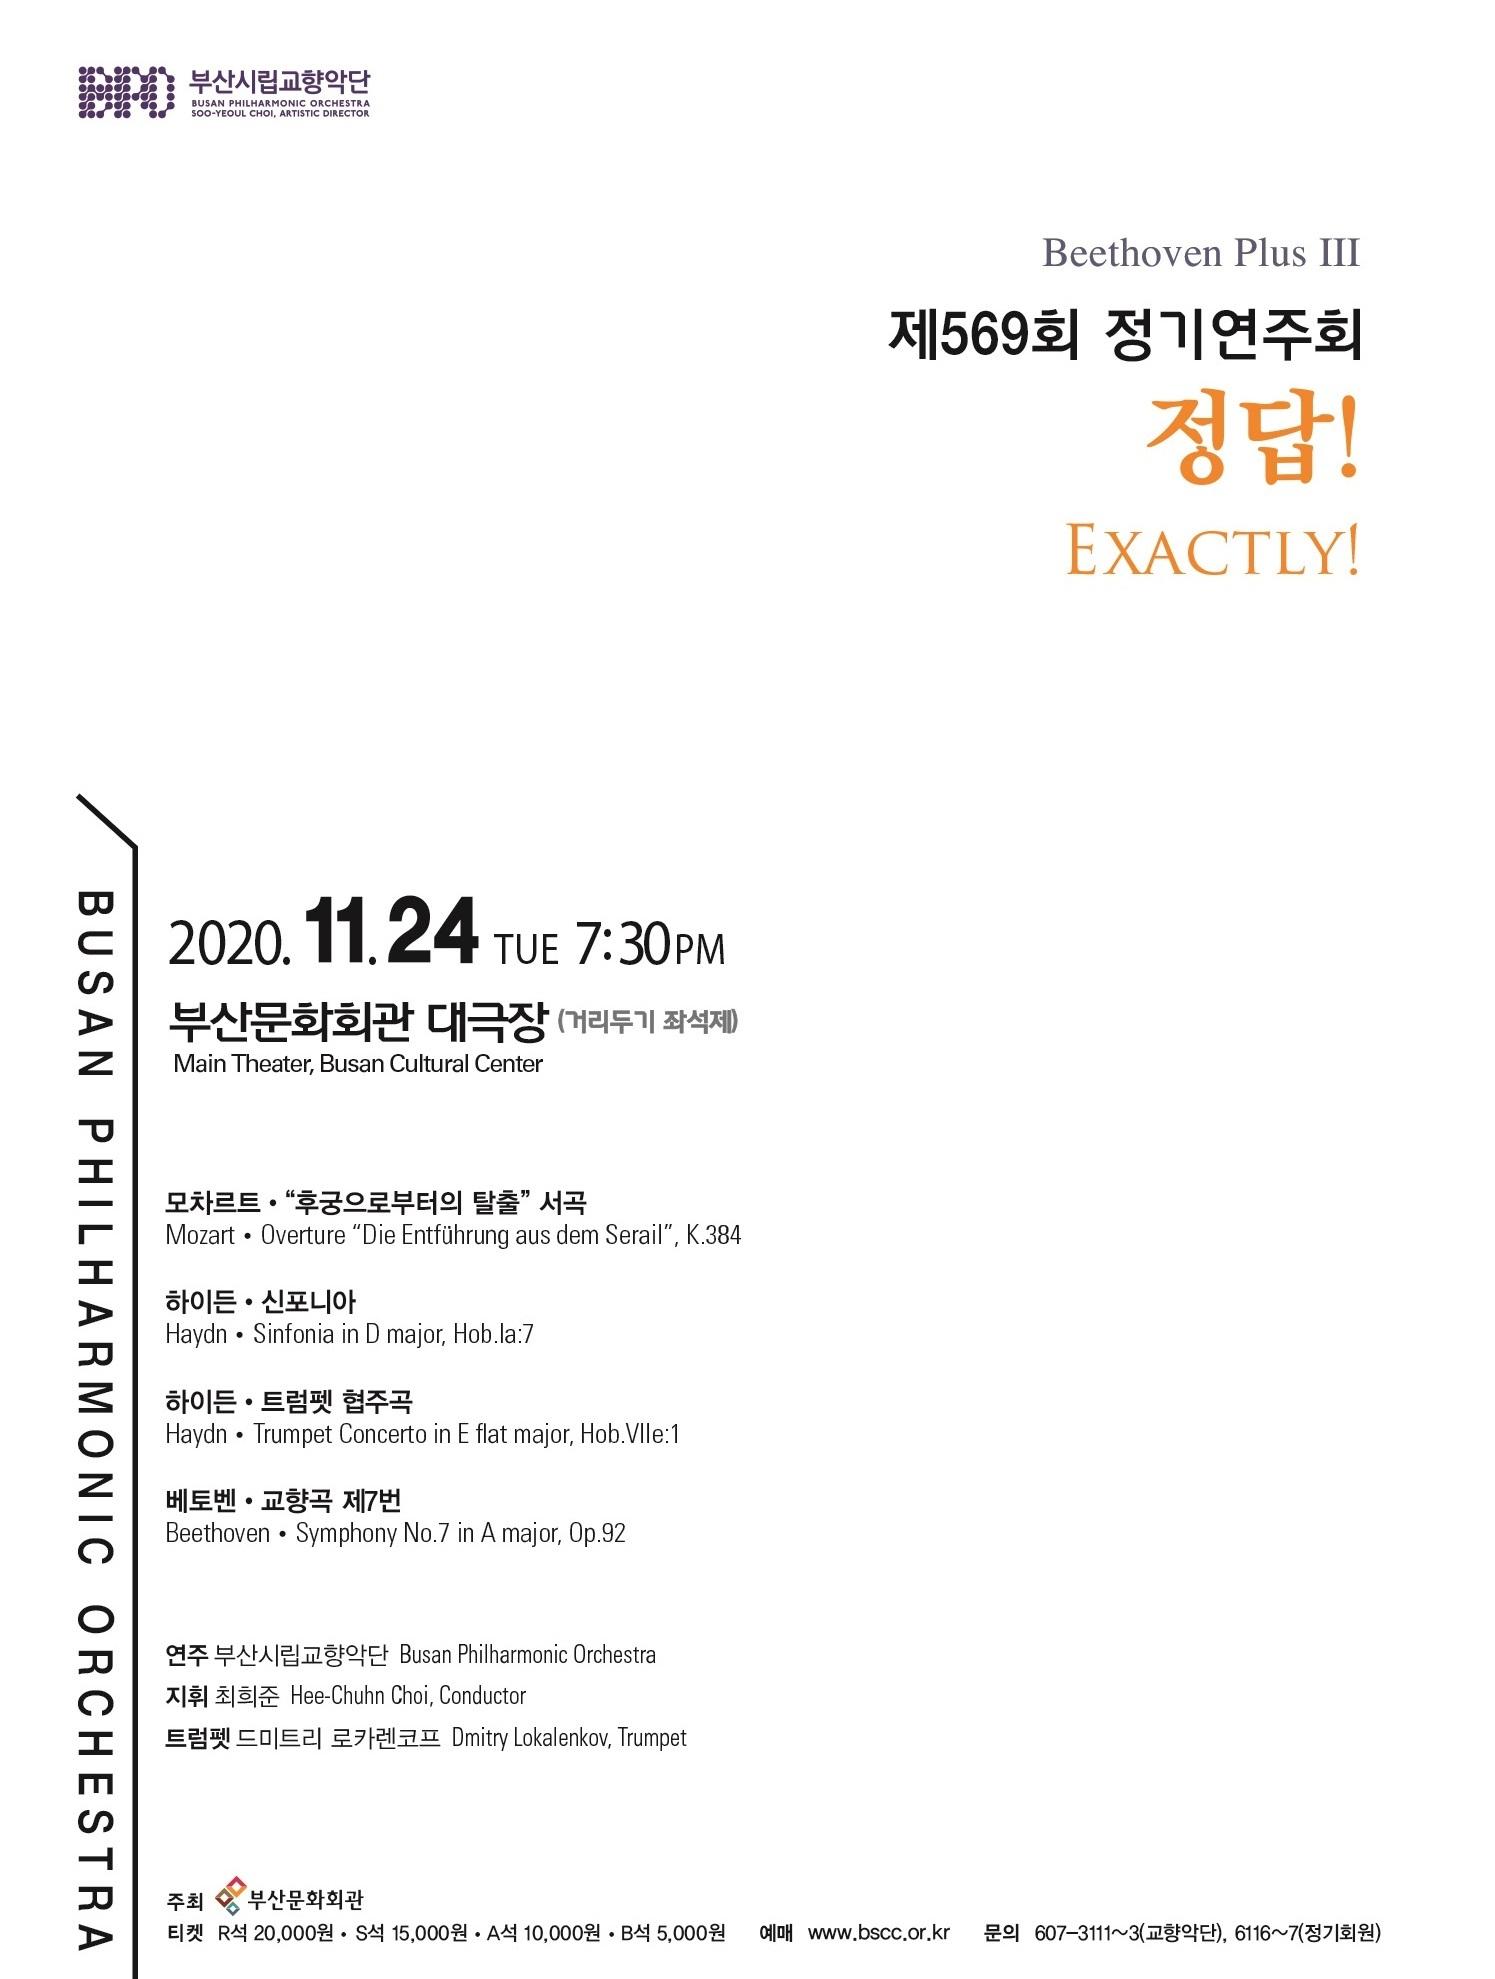 부산시립교향악단 제569회 정기연주회 ˝정답!˝